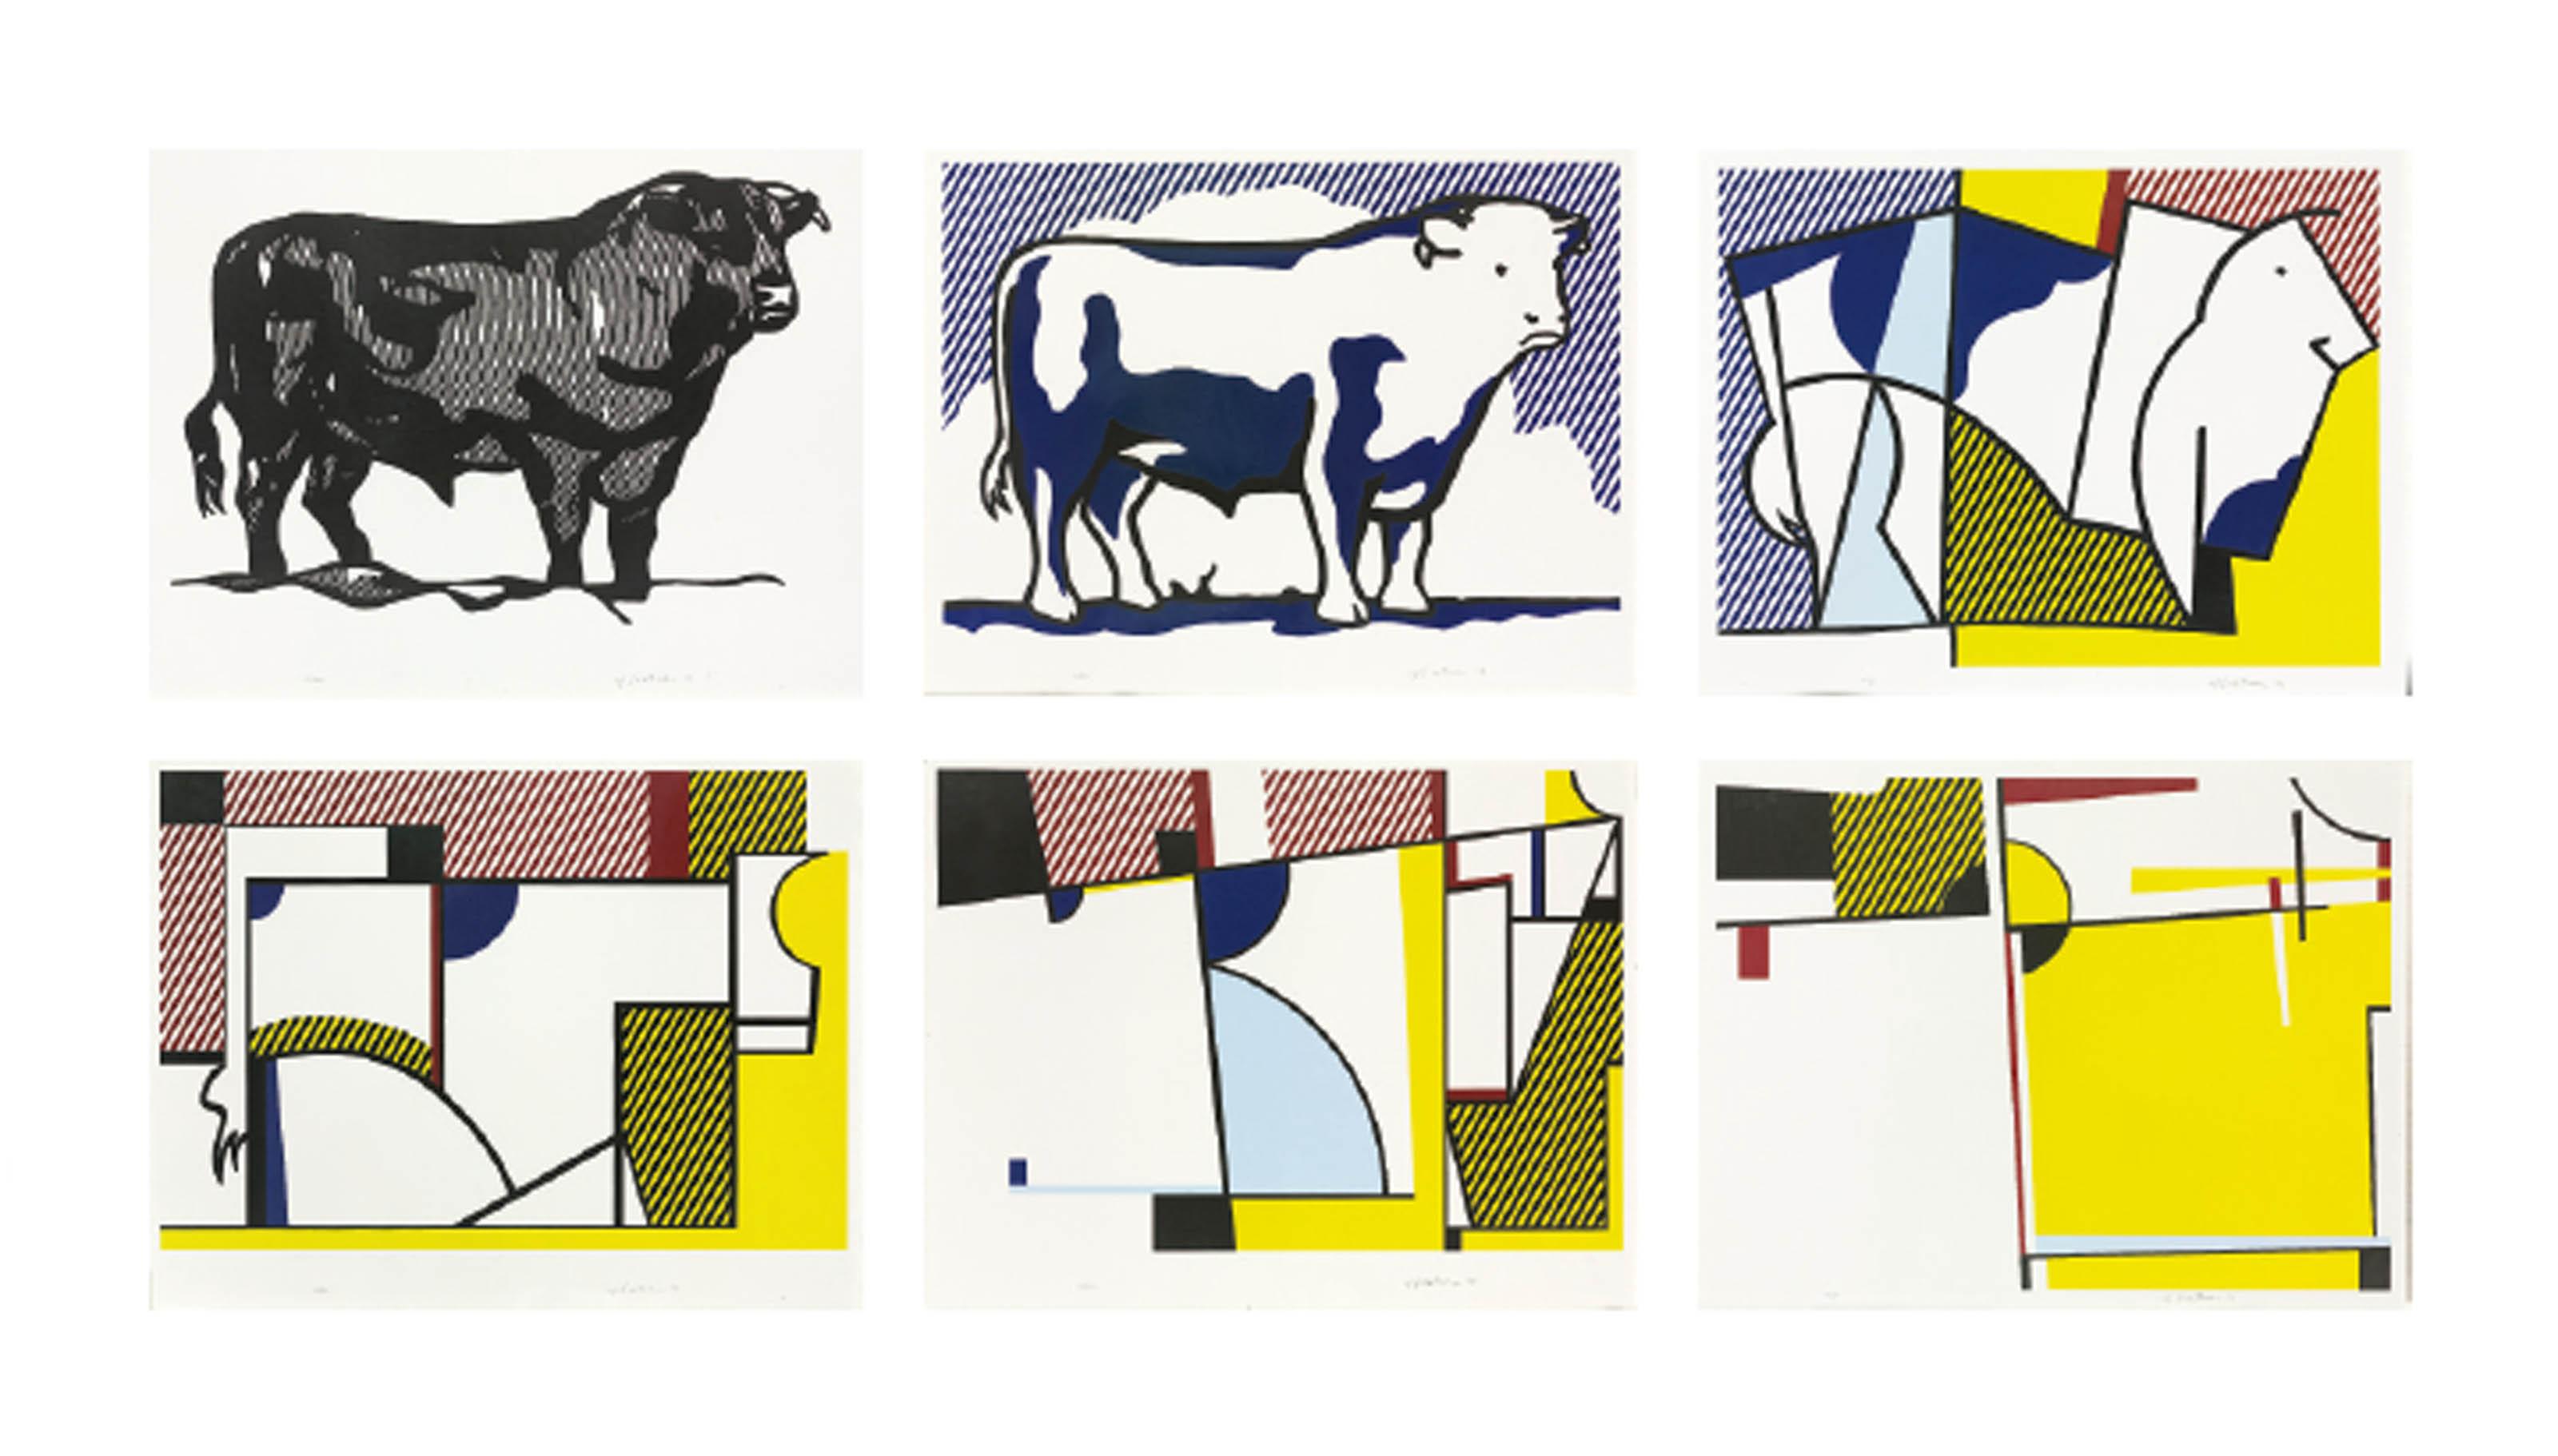 Bull clipart profile. Roy lichtenstein series c